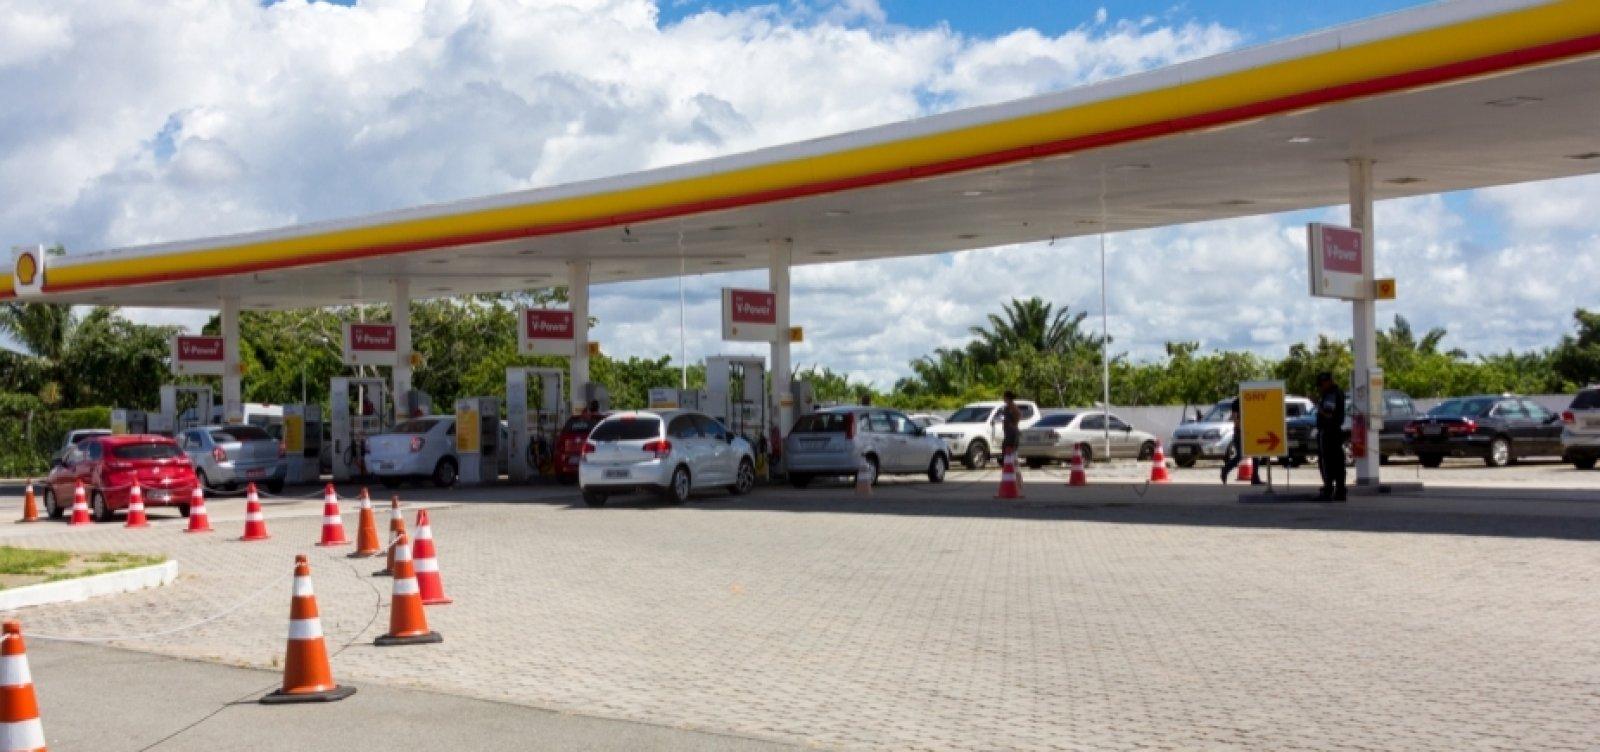 Petrobras sobe novamente preços da gasolina e do diesel